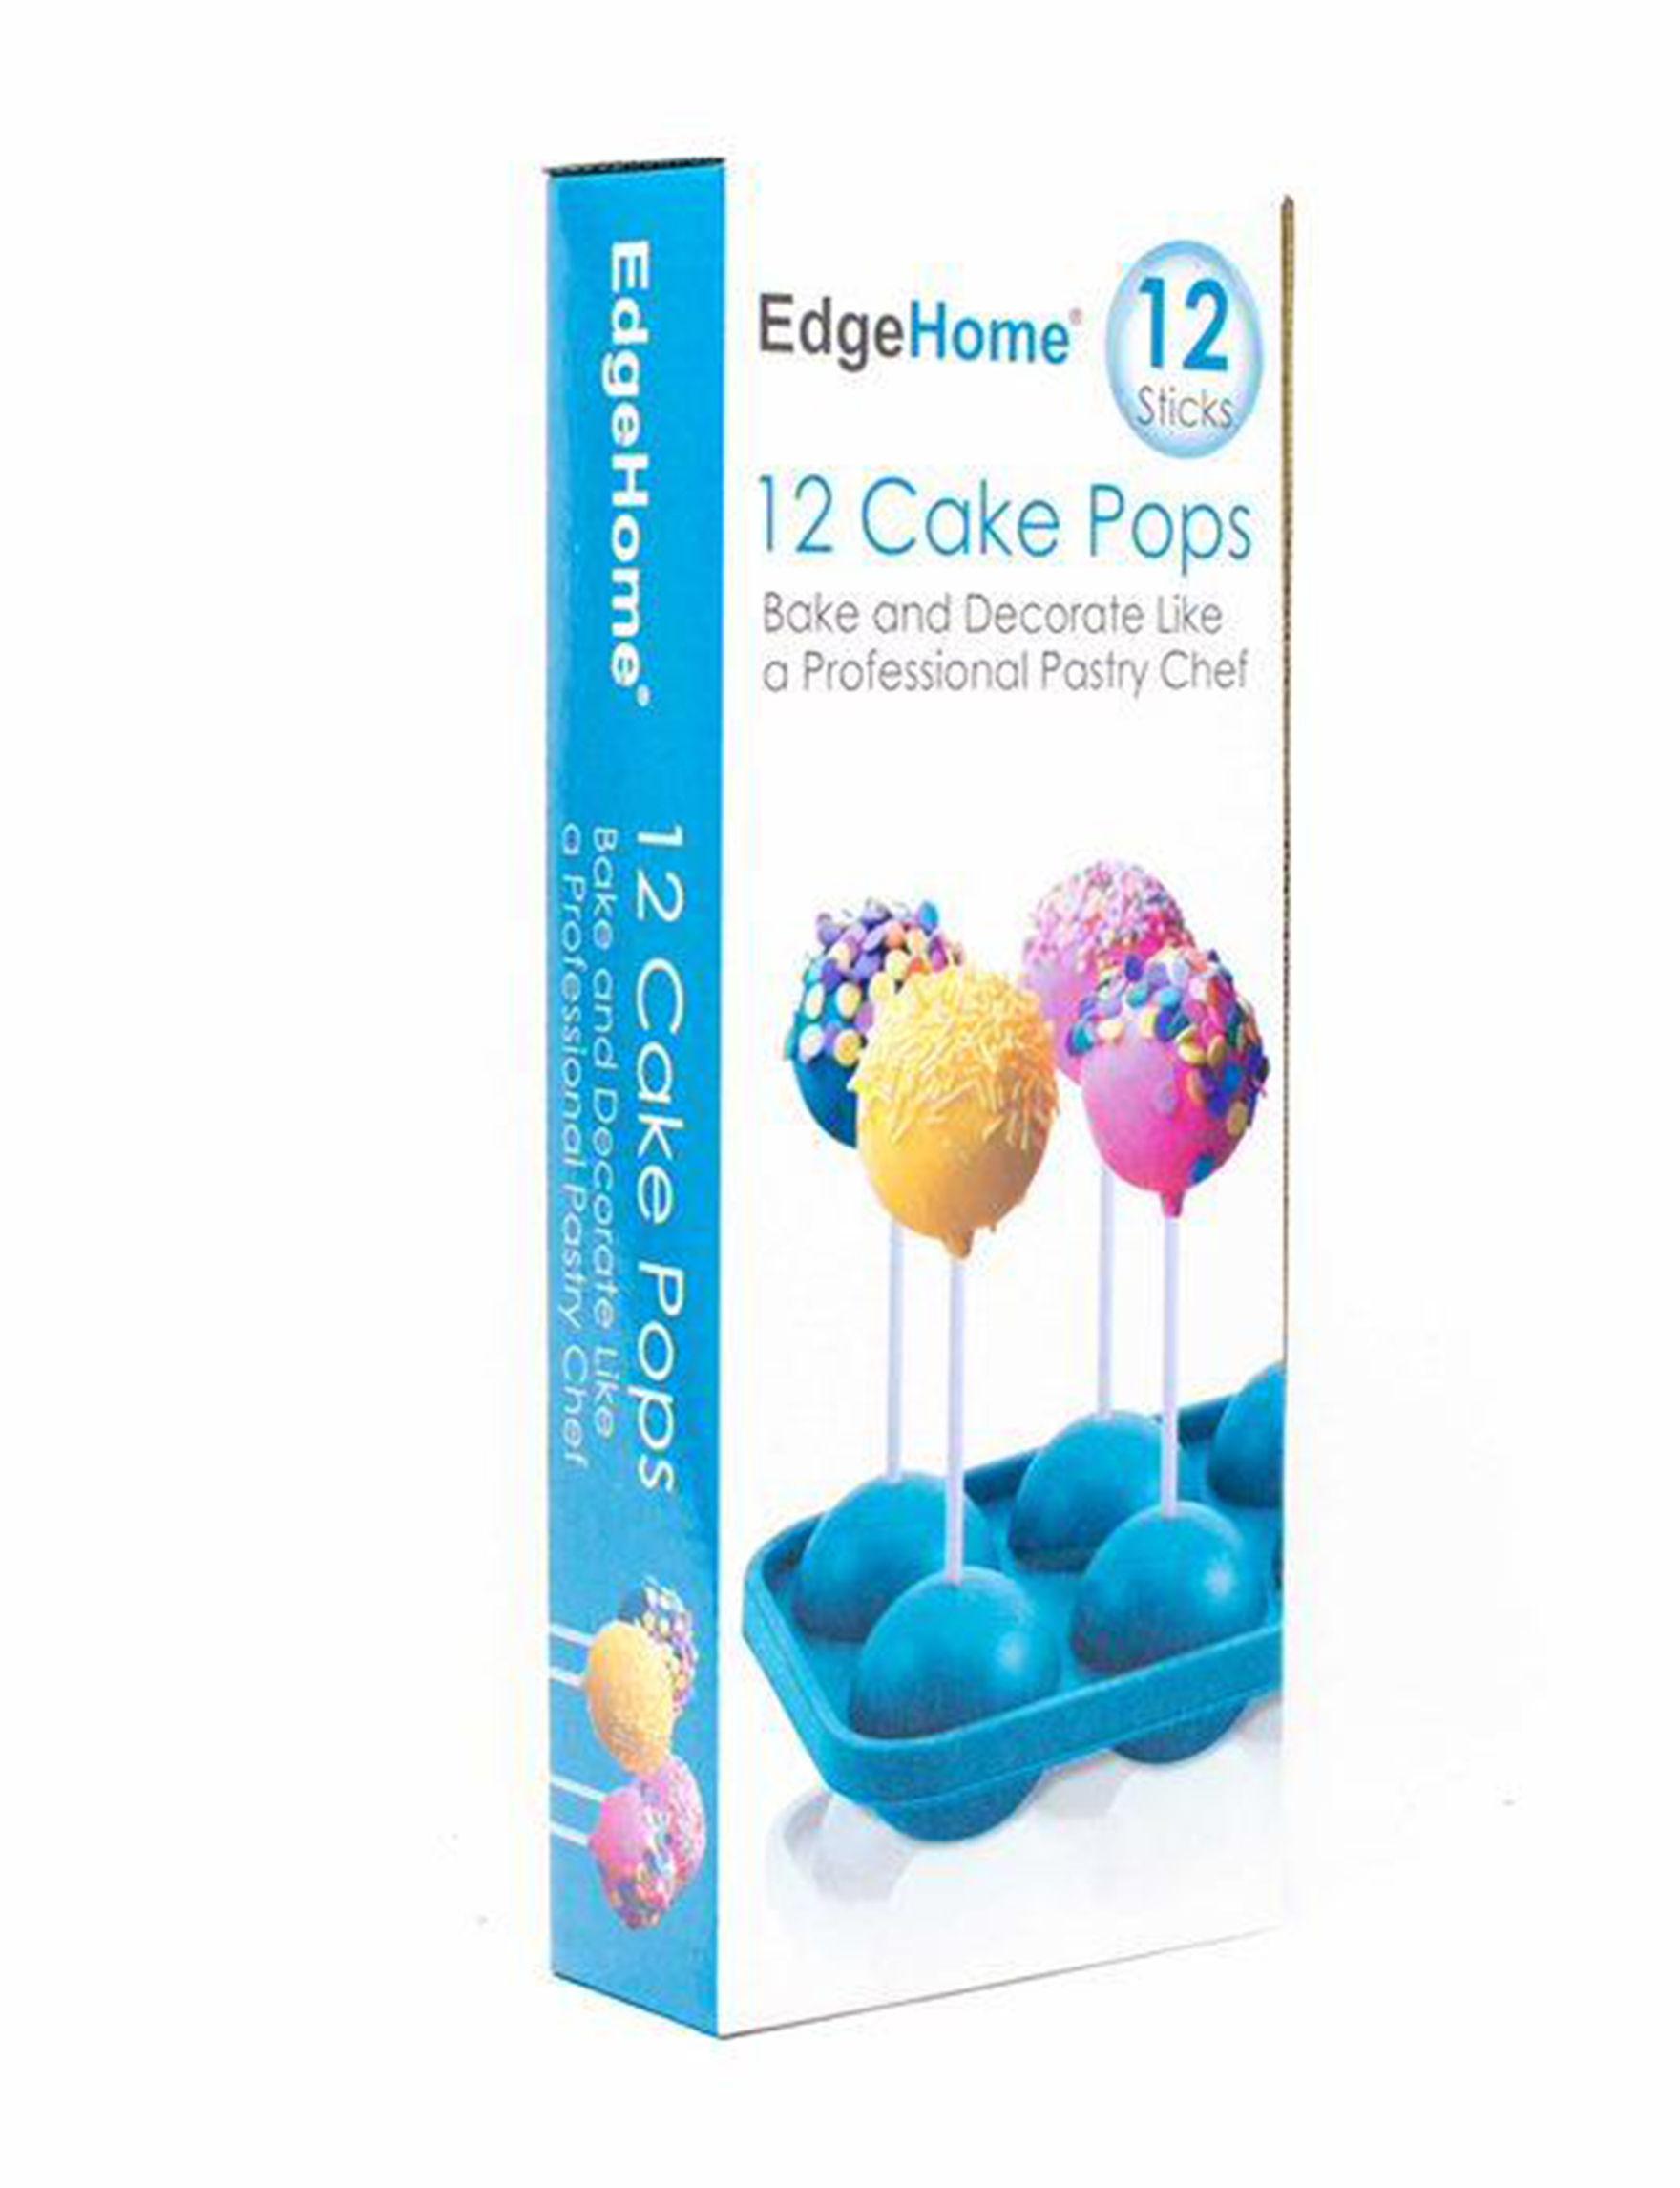 Edge Home Blue Bakeware